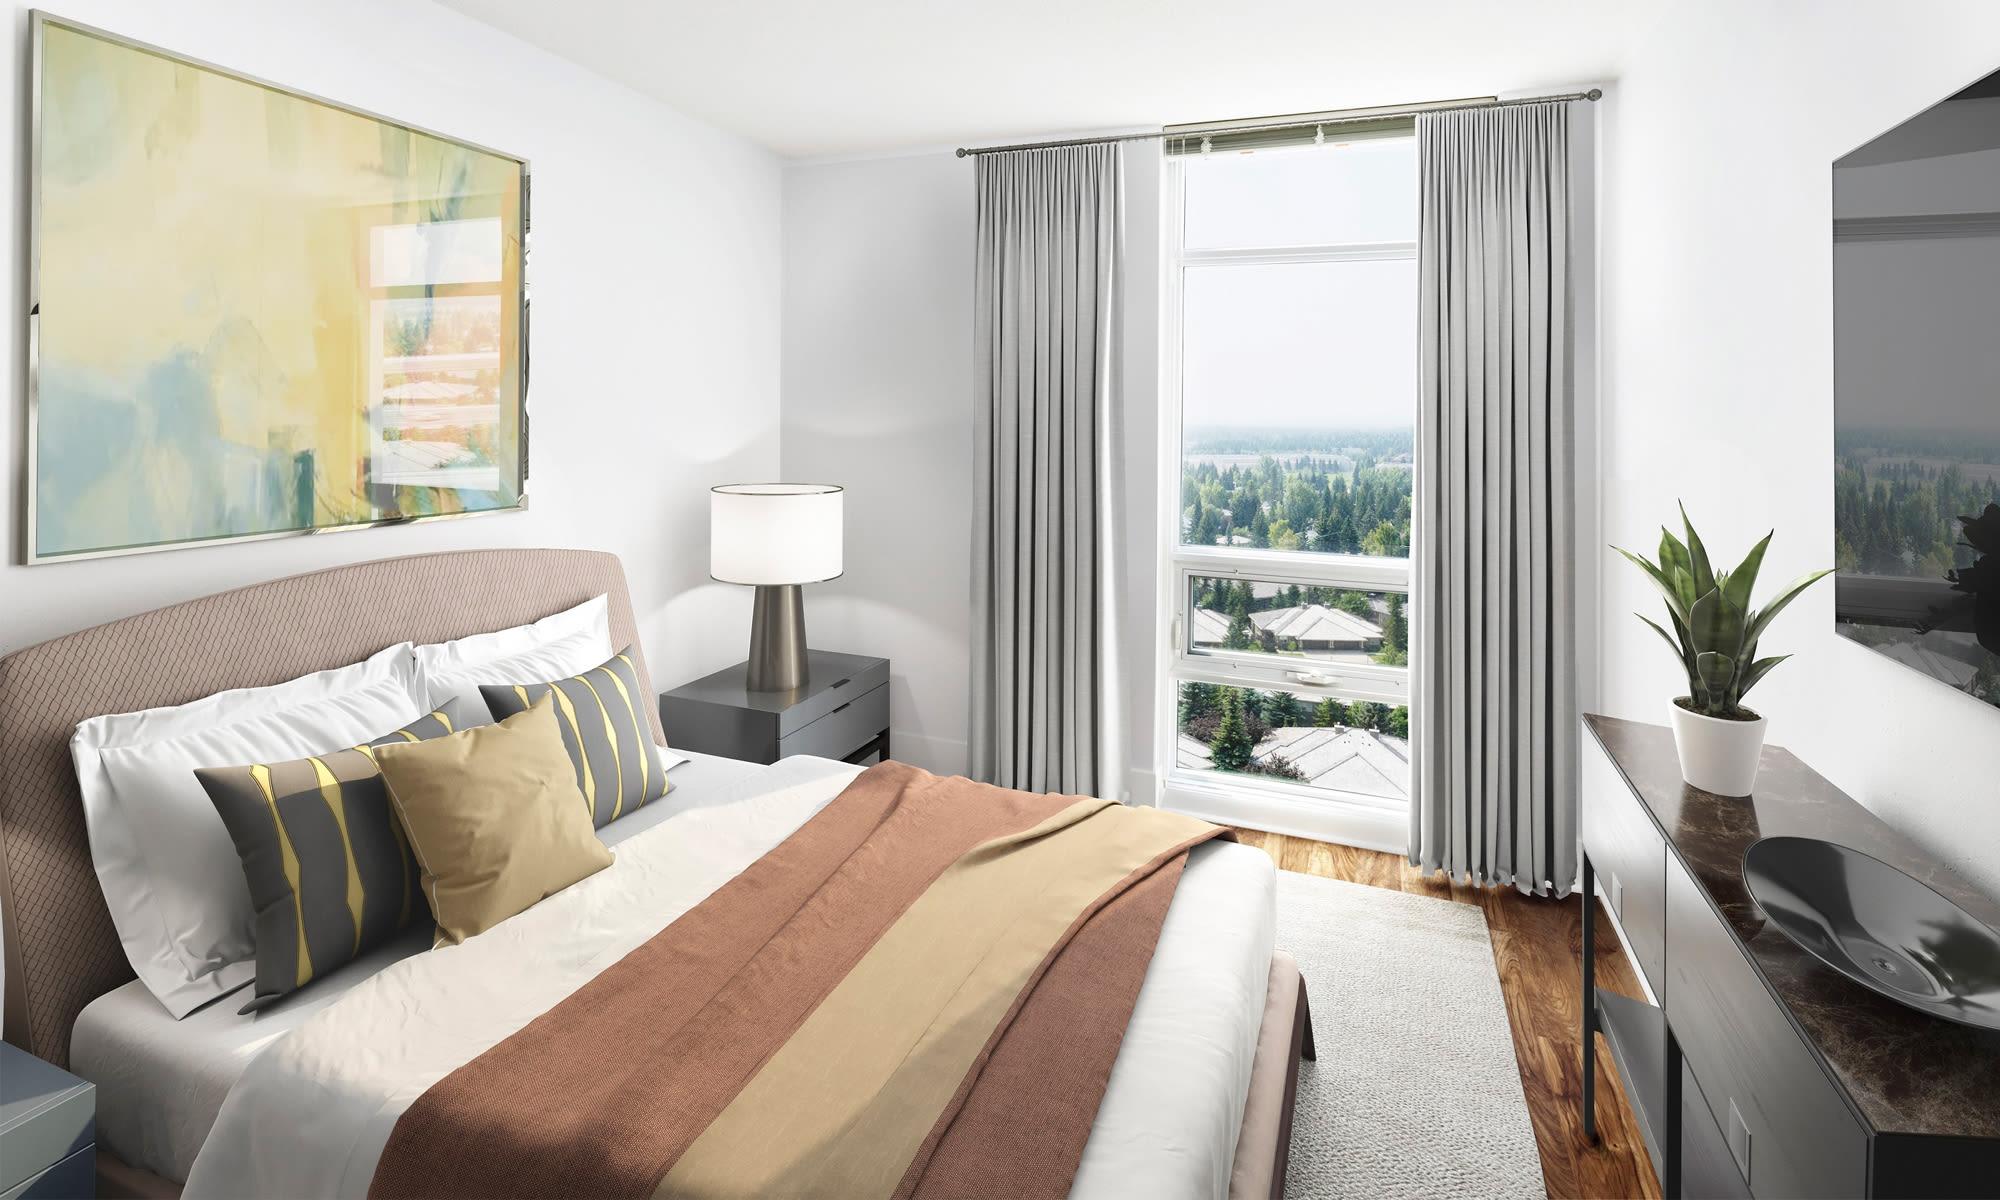 Bedroom at Elata